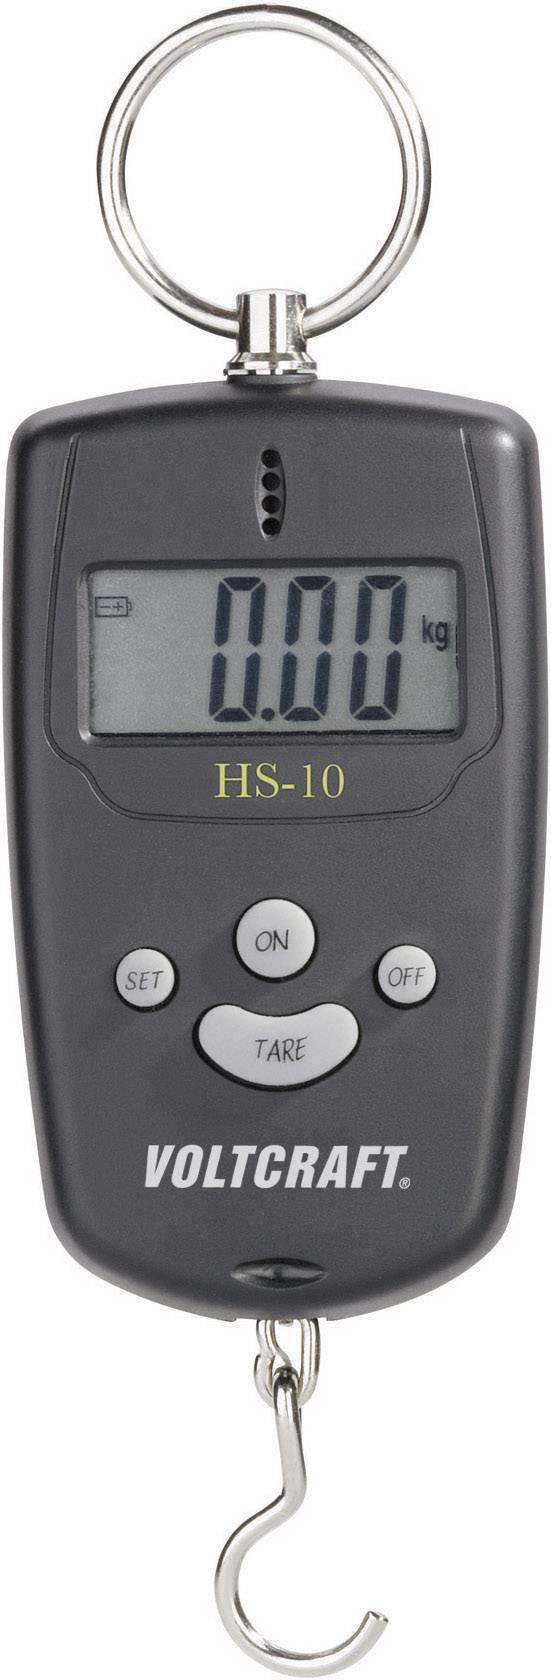 Závesná váha VOLTCRAFT Max.váživosť 10 kg, Presnosť 10 g